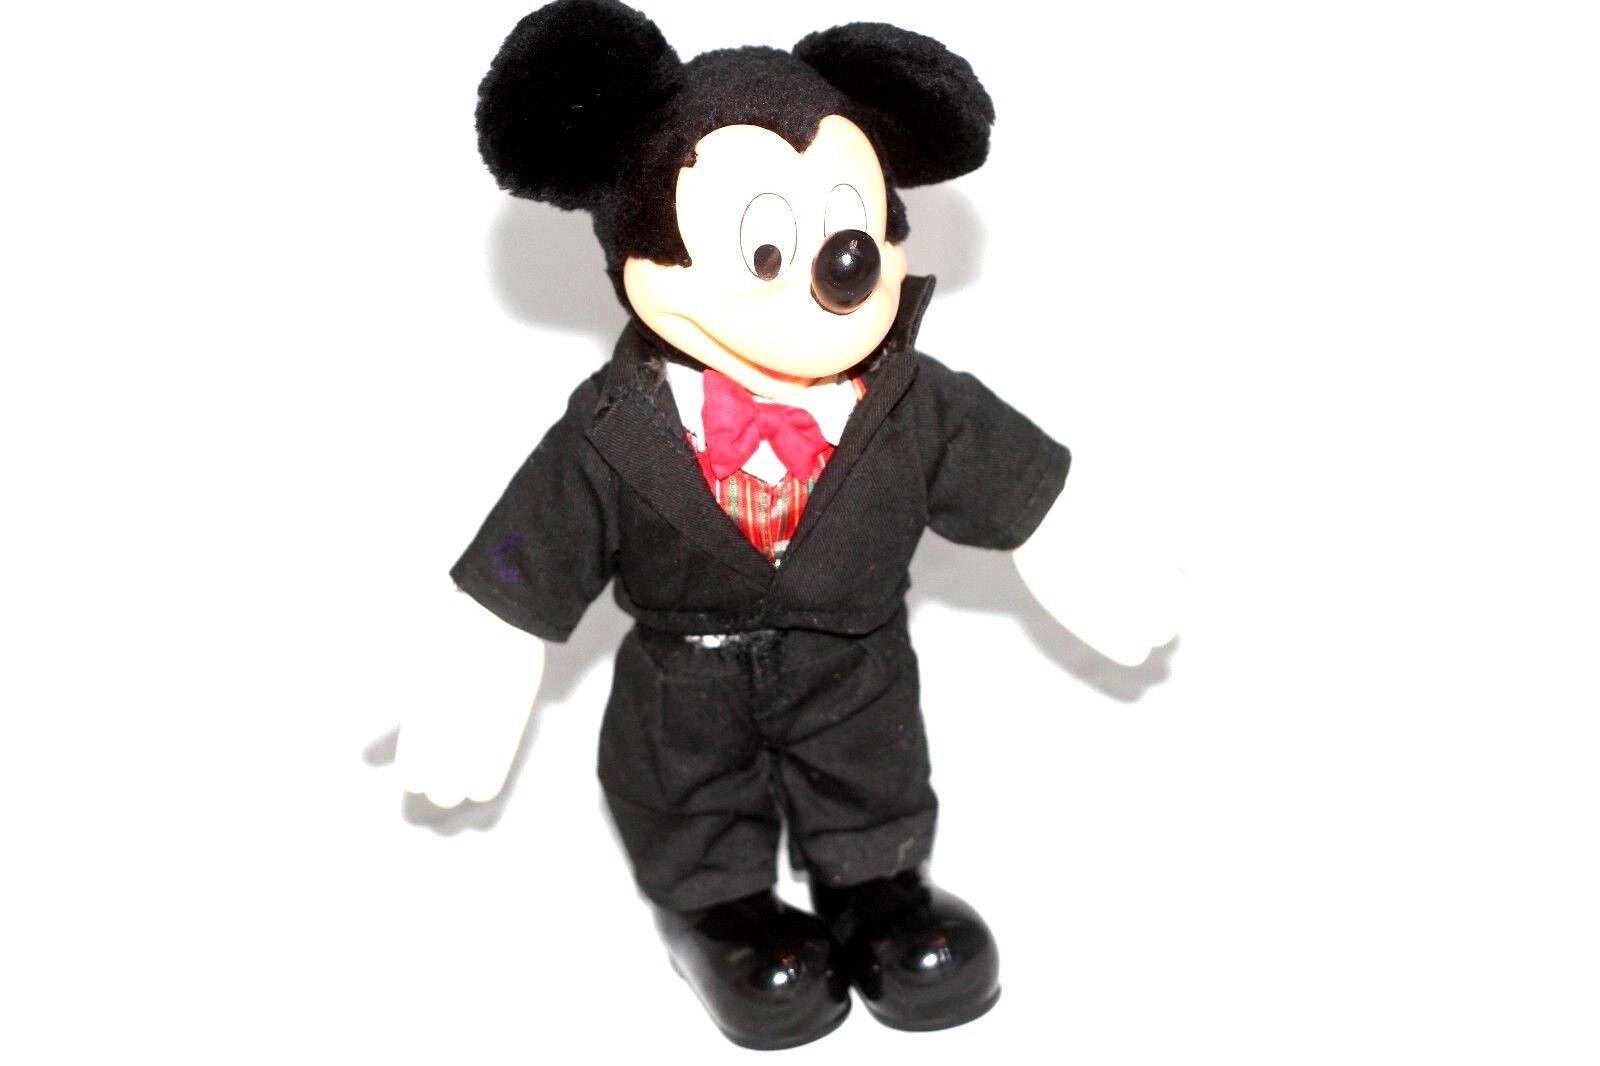 Disney Mickey Mouse In Tuxedo Plush Toy - $5.09